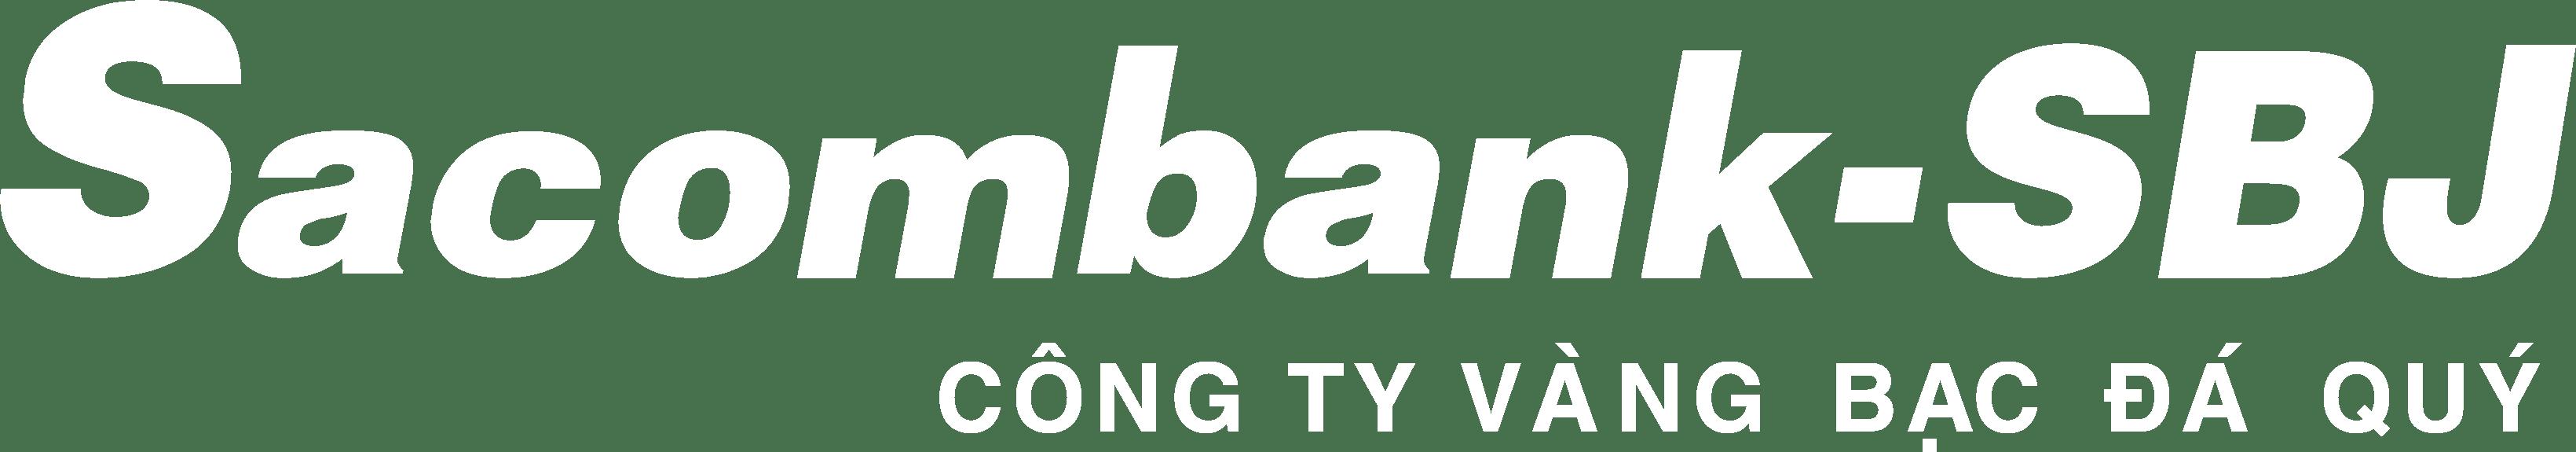 SBJ - Sacombank